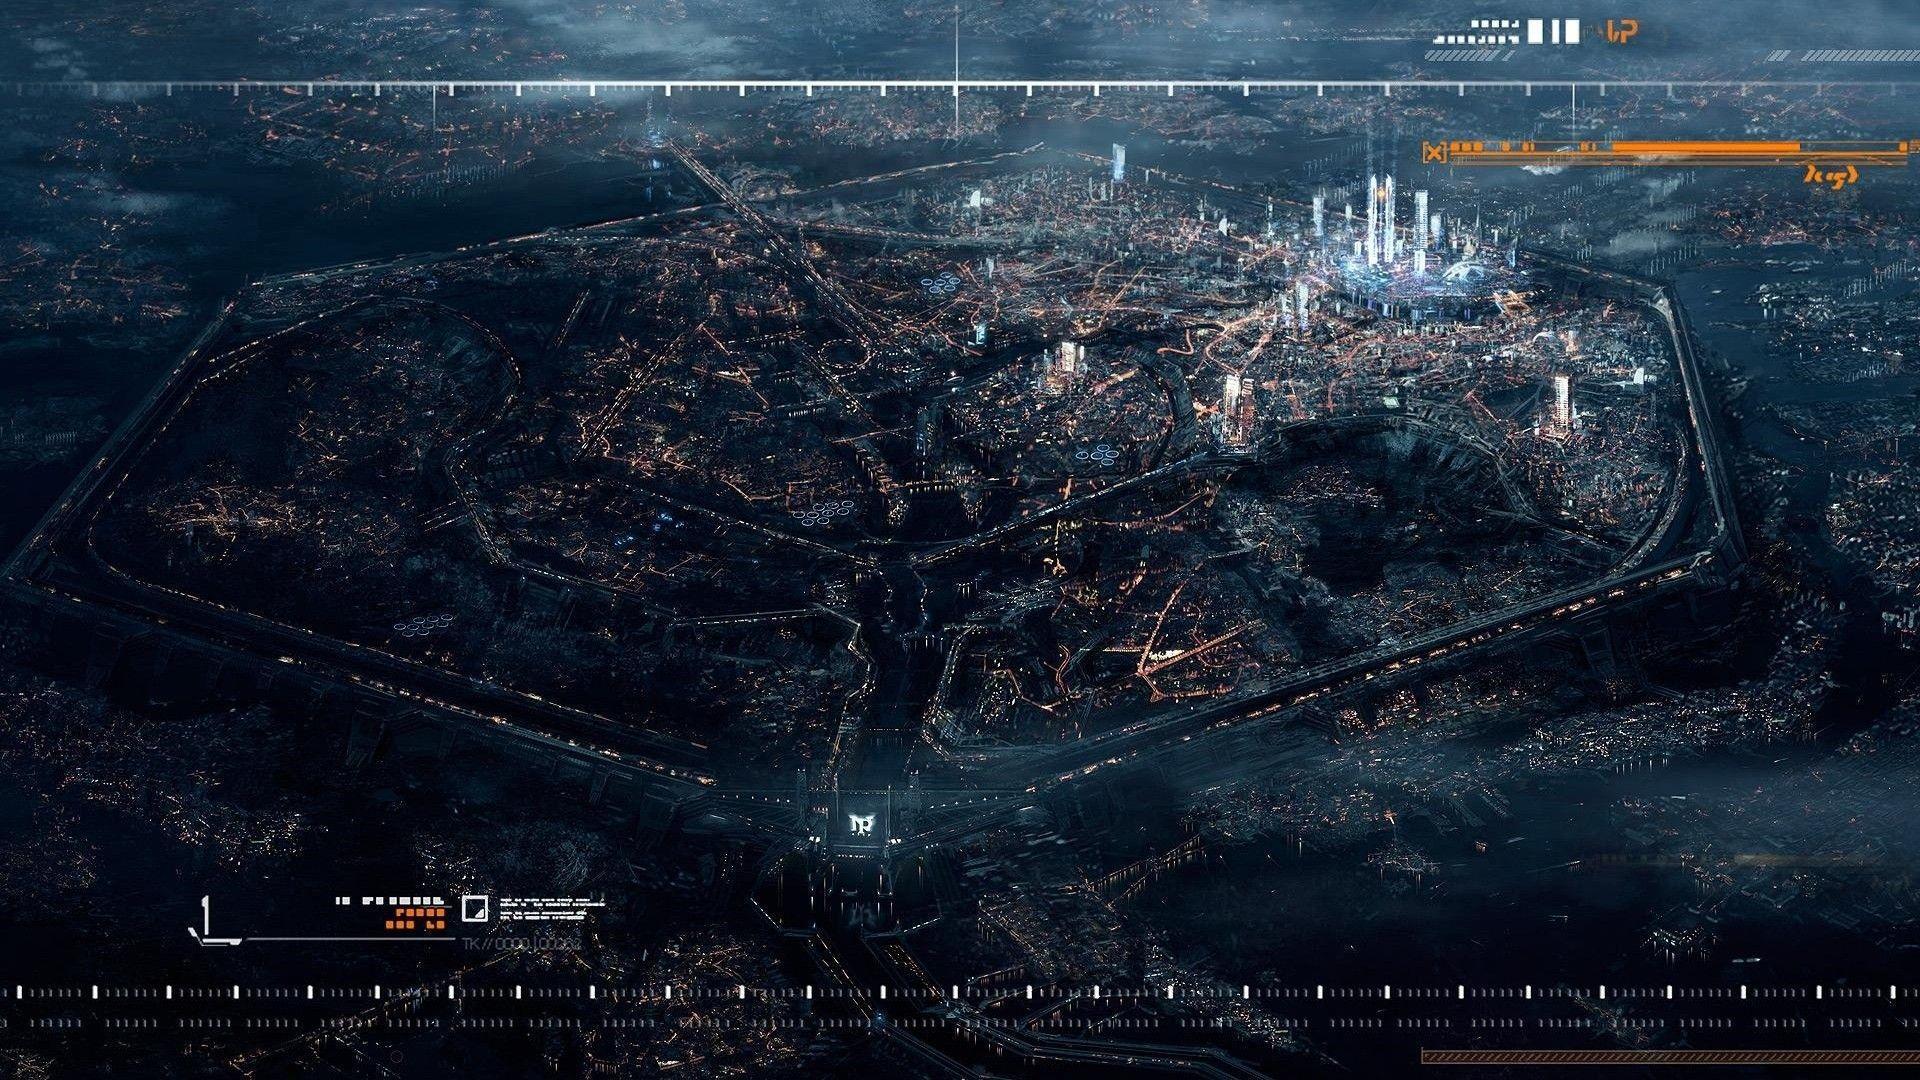 cityscapes futuristic wallpaper 1900x1041 - photo #34